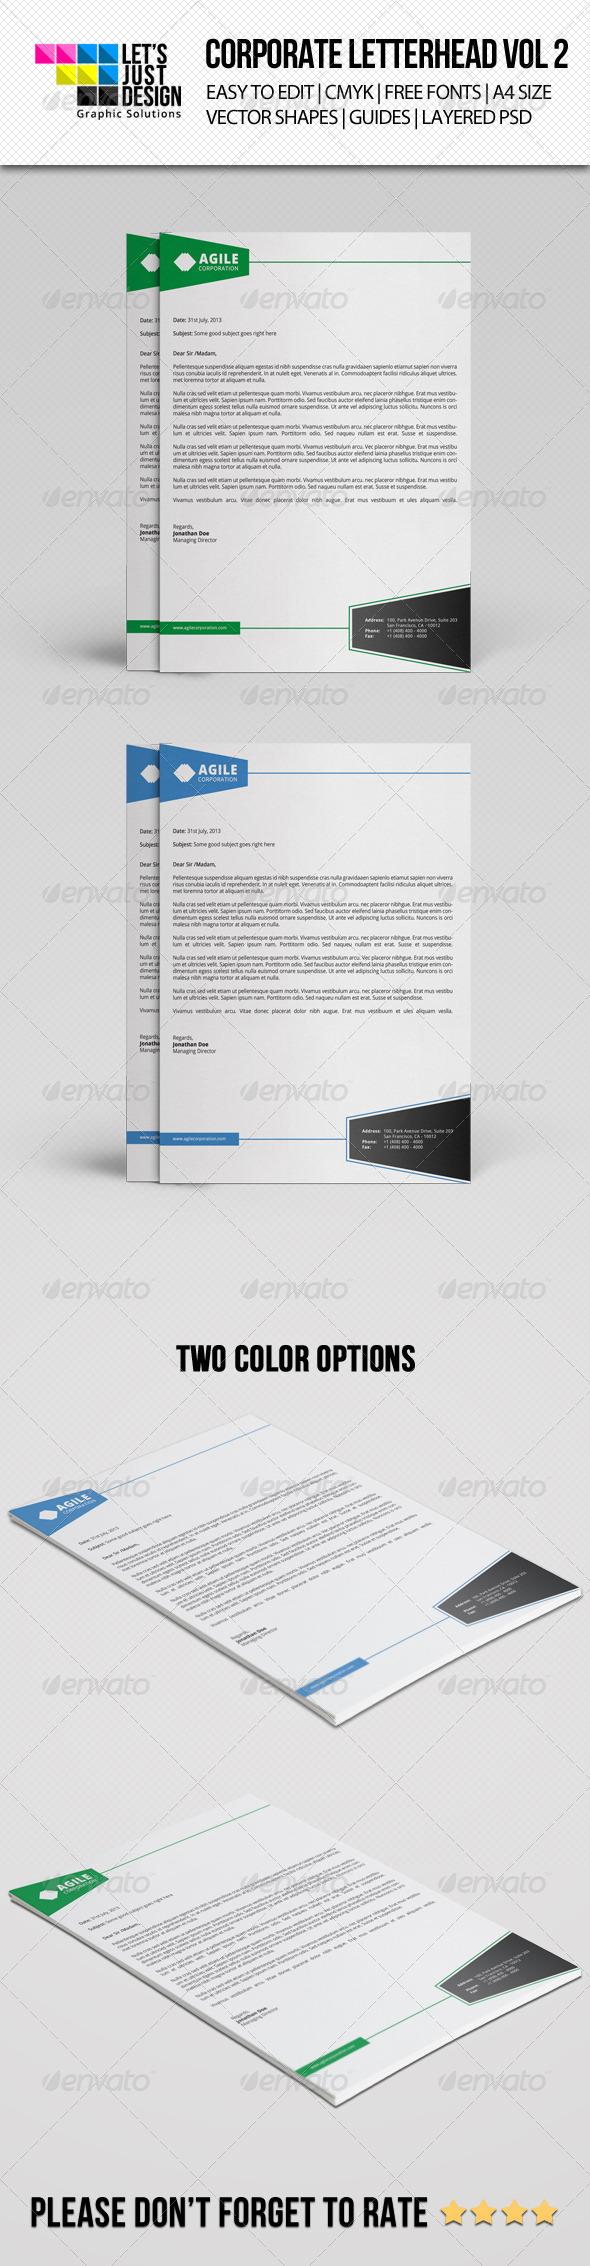 GraphicRiver Corporate Letterhead Vol 2 7618065